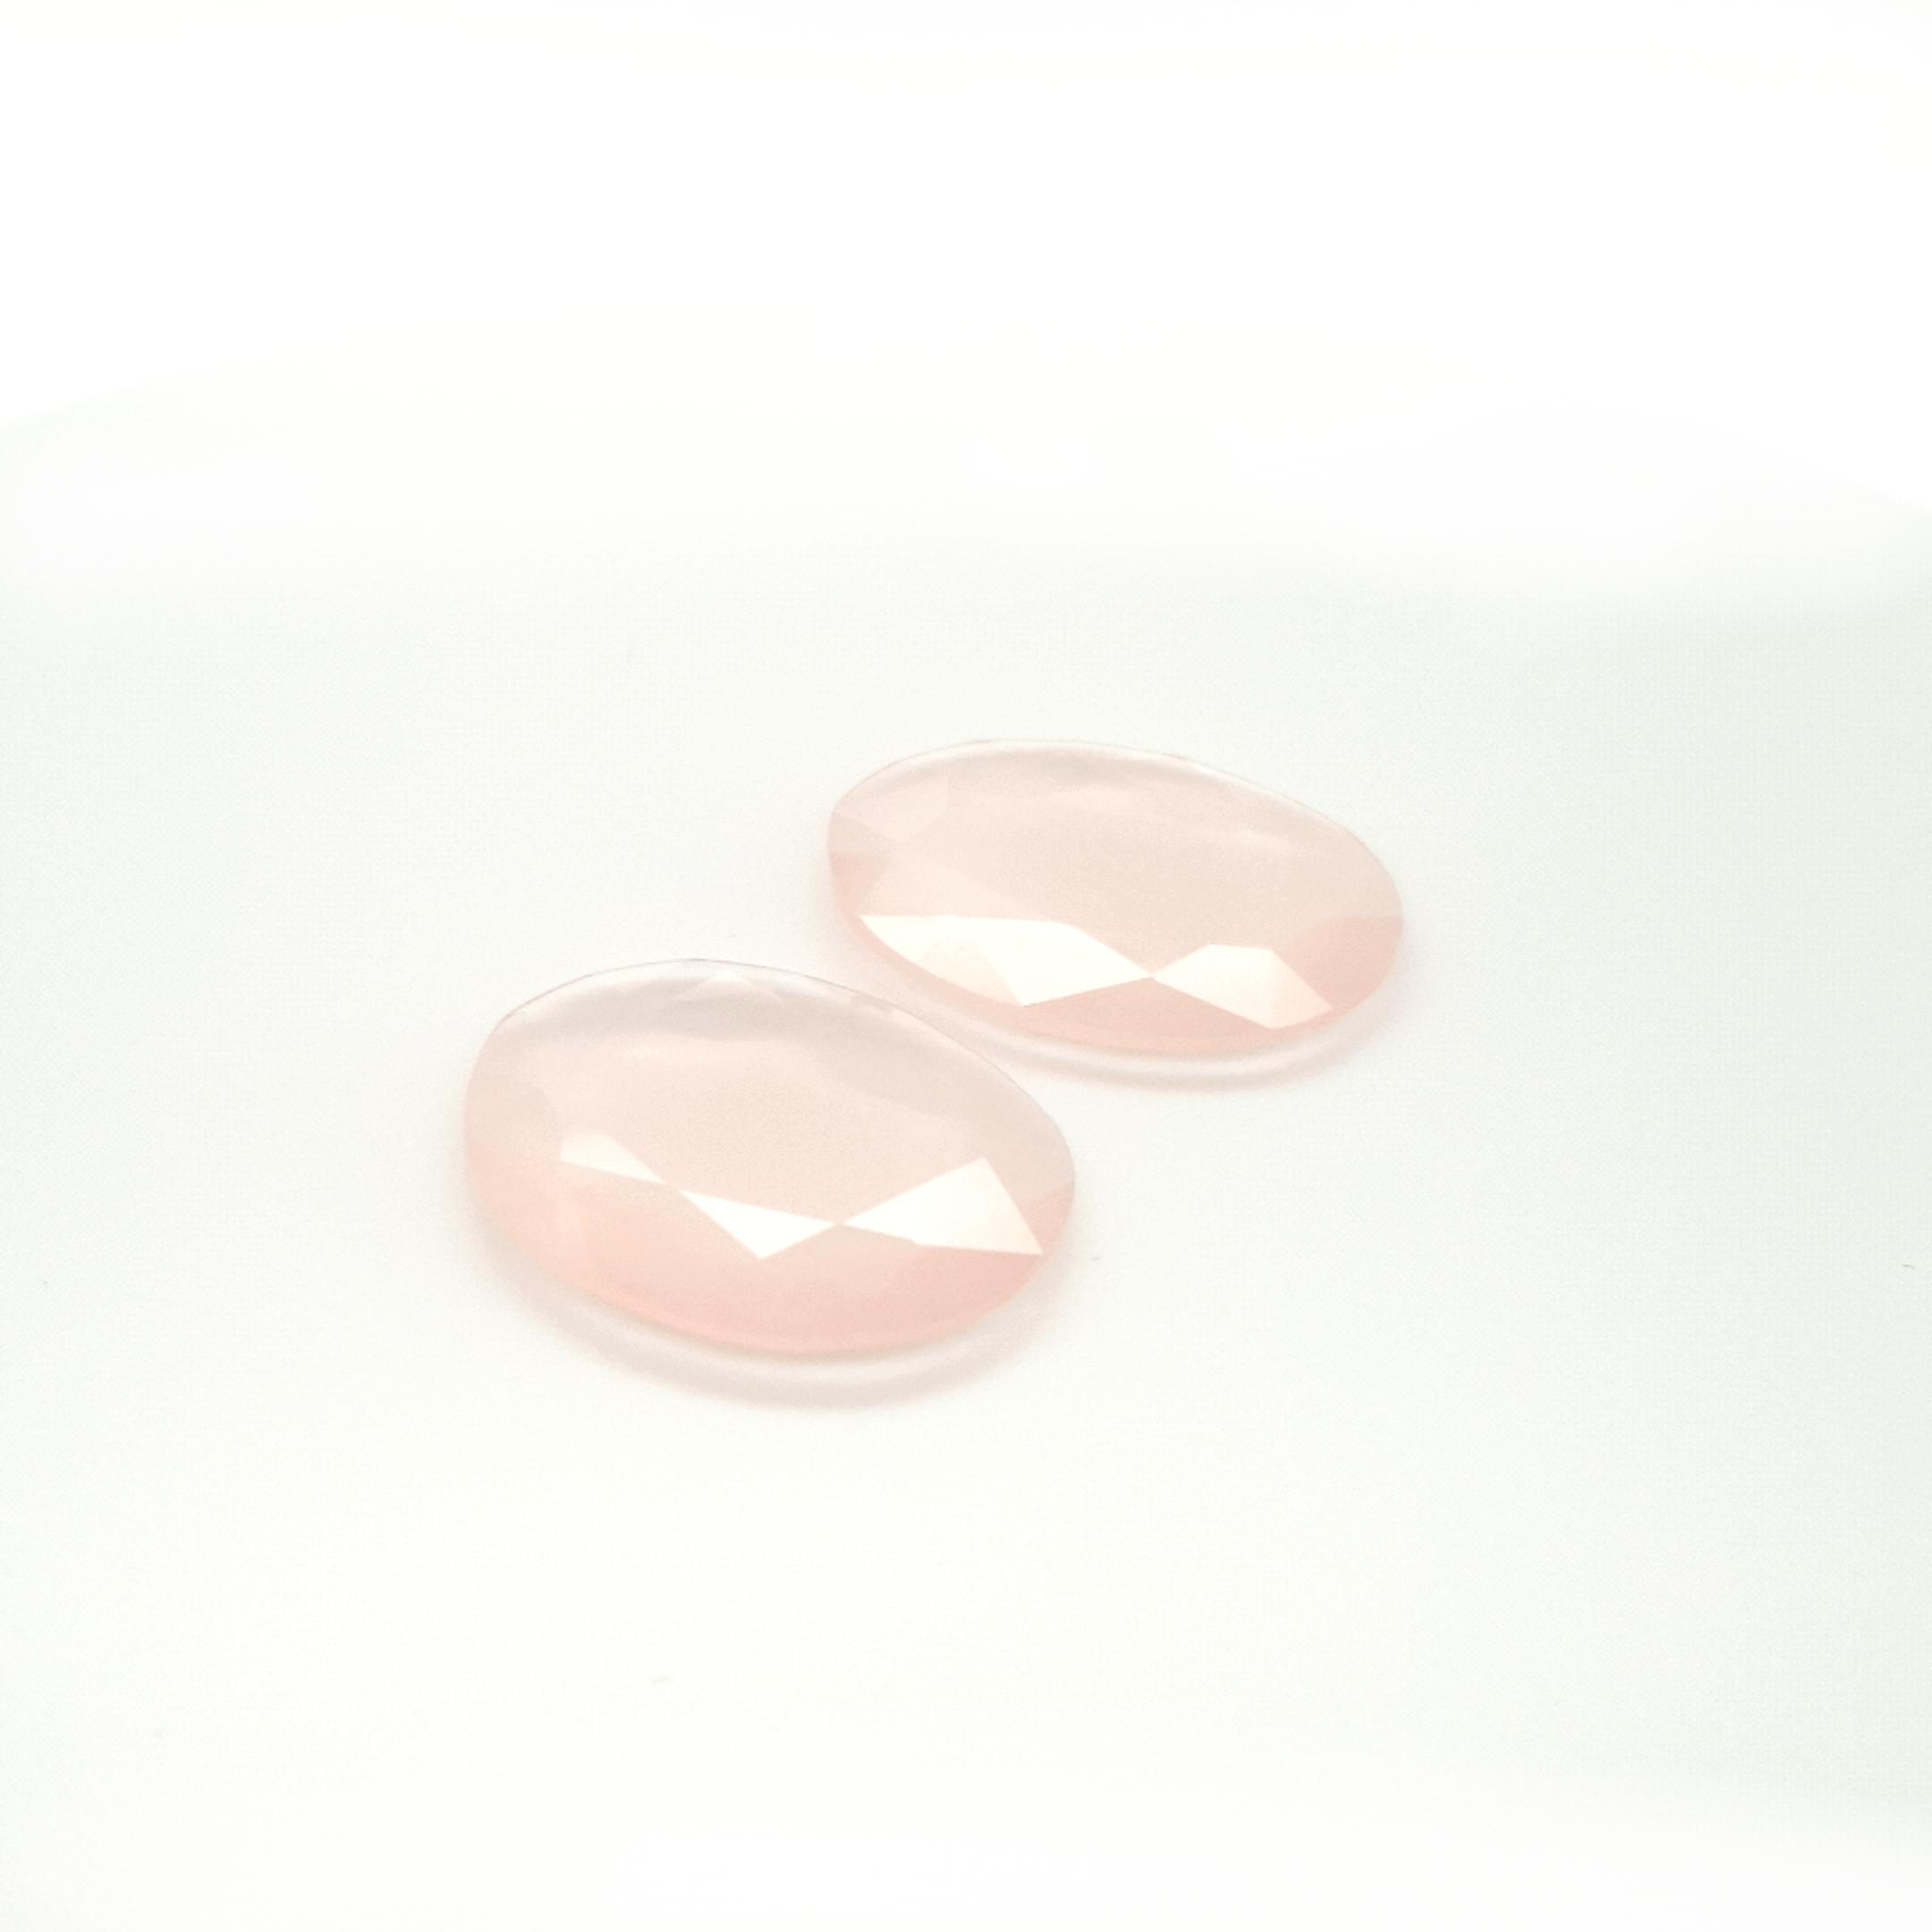 33,36ct. Pair Rose Quartz DoubleRoseCut QZC11C2 ClaudiaHamann__2021-03-18-22-55-39